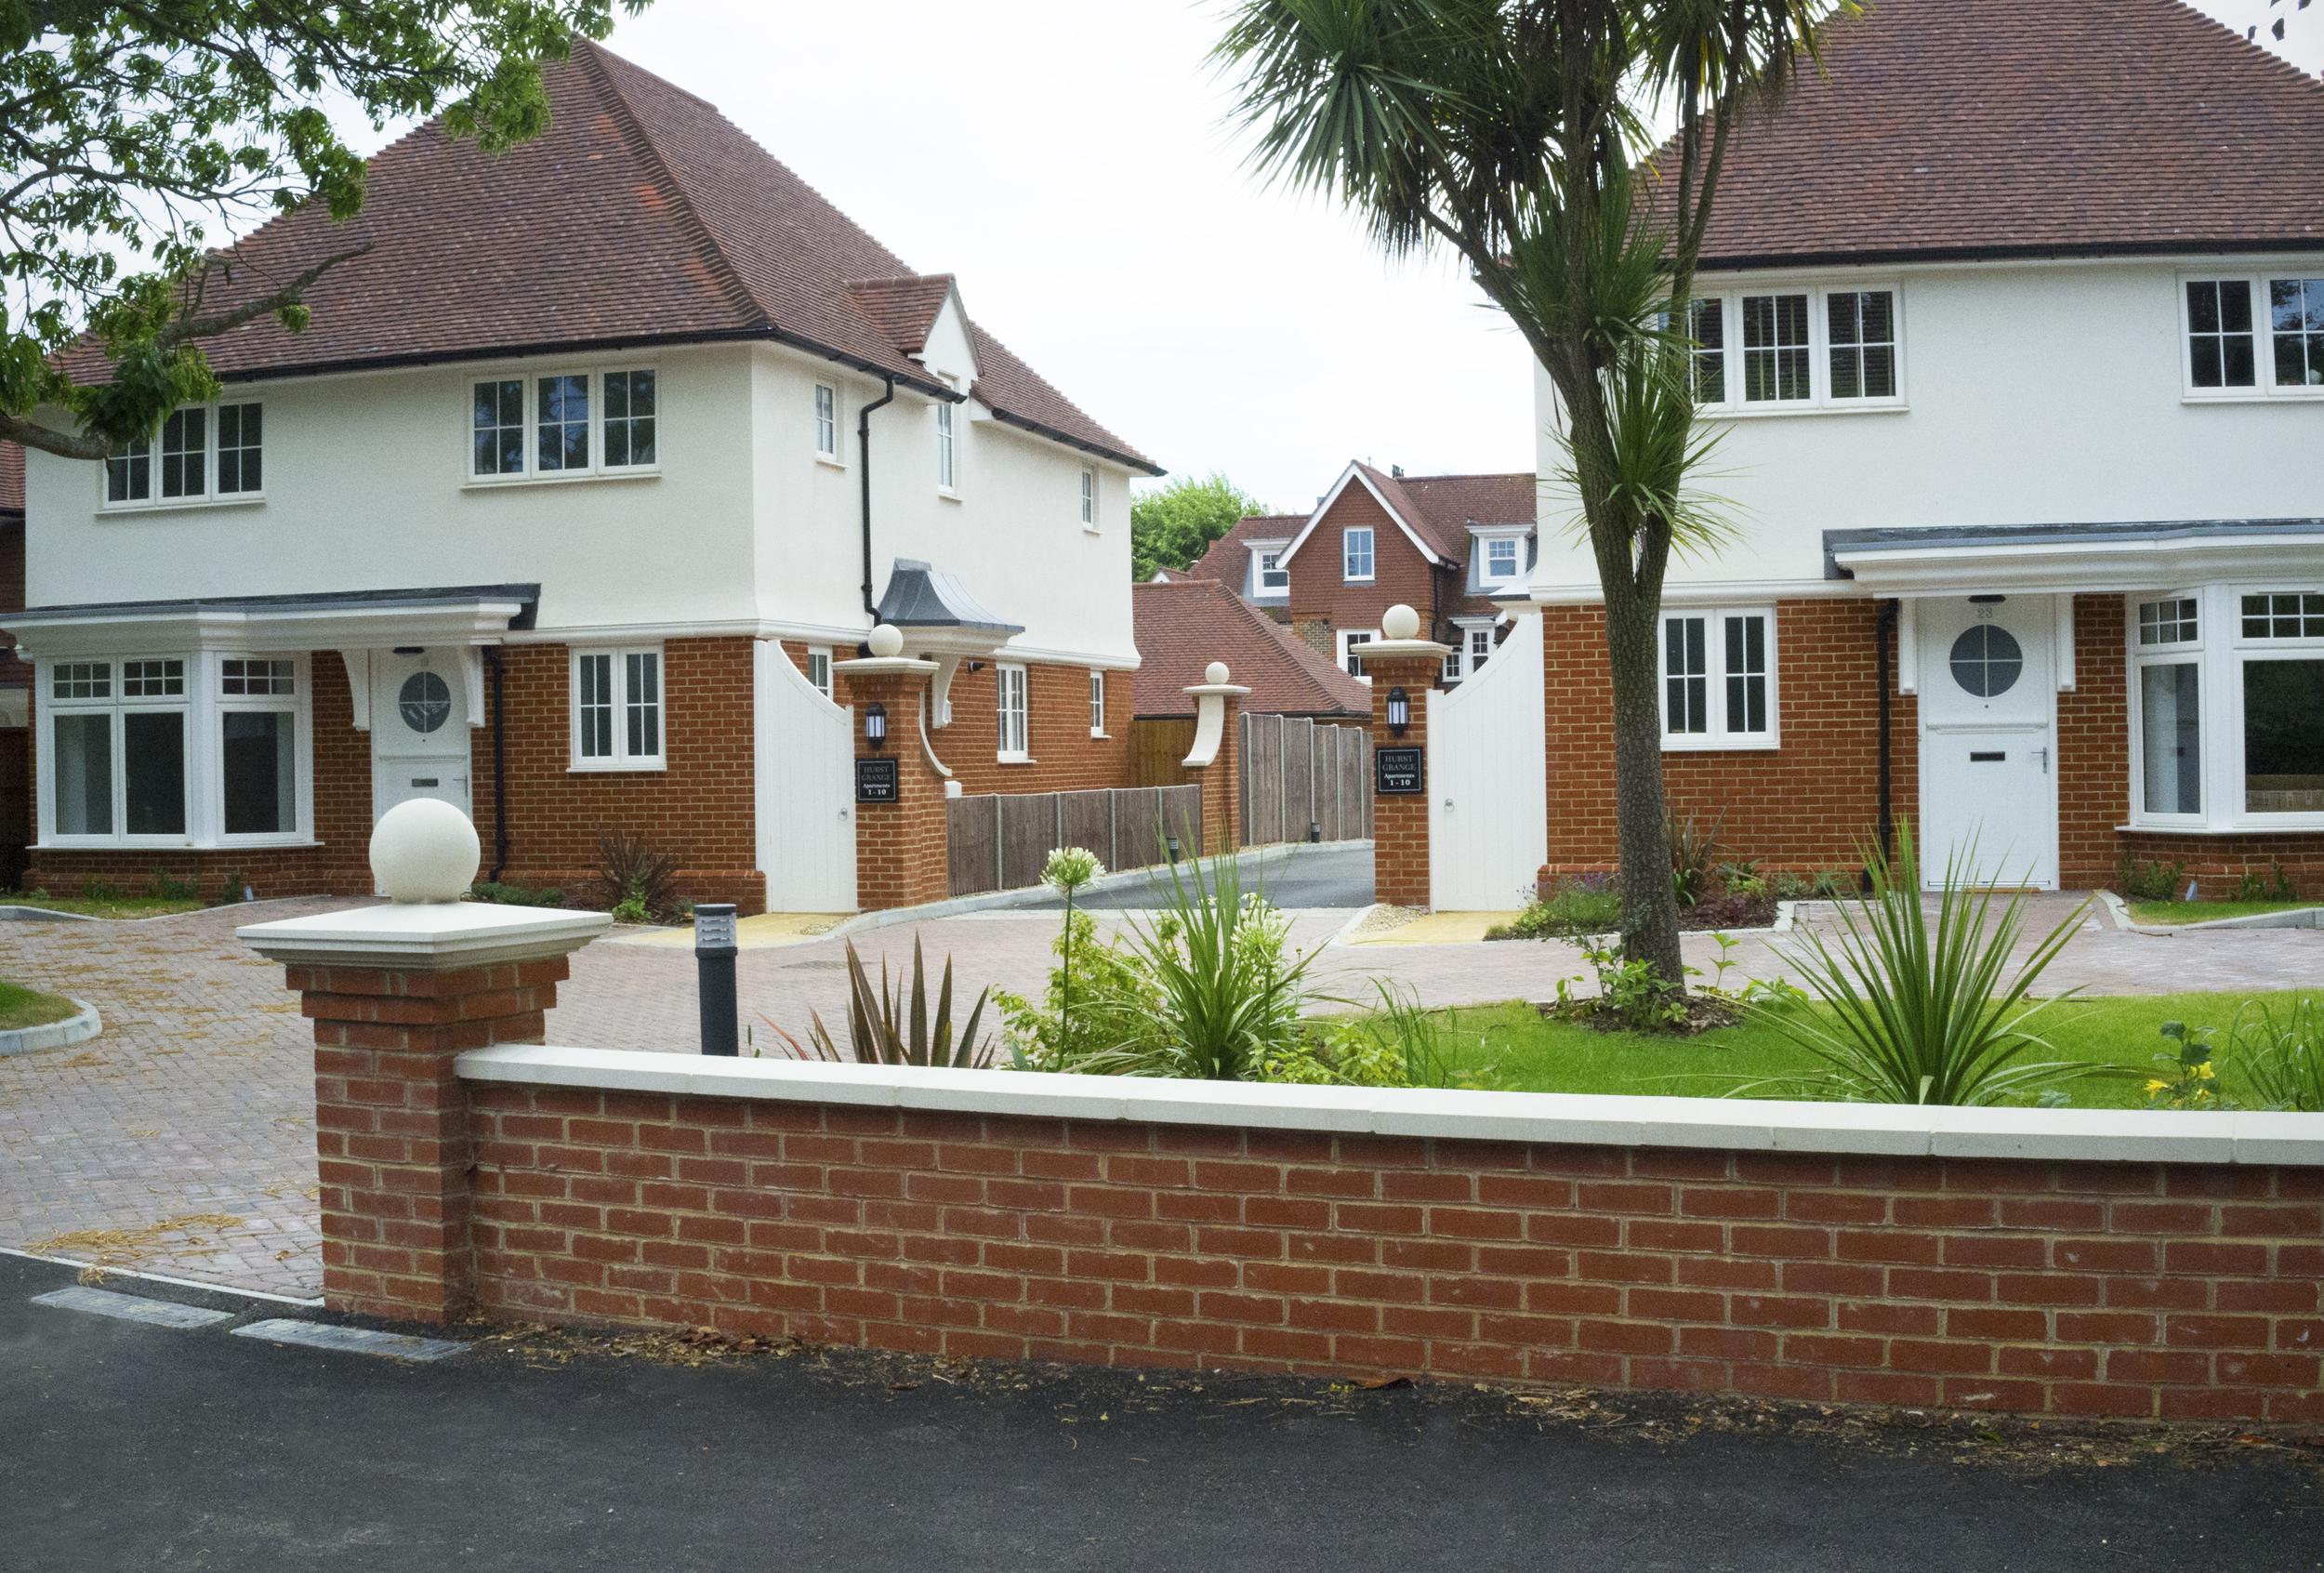 Hurst Grange, Worthing, West Sussex